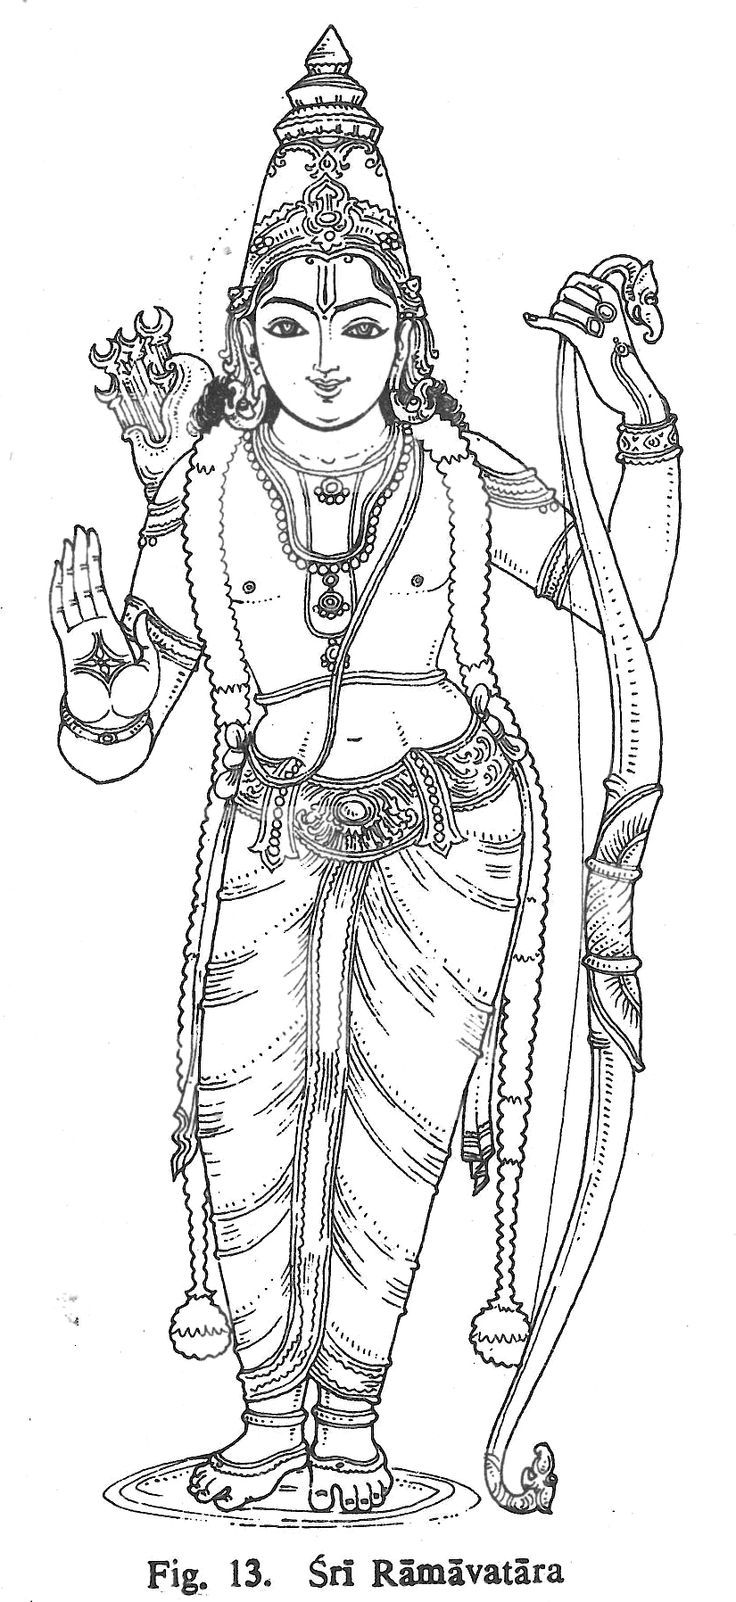 Sri Ramavatara